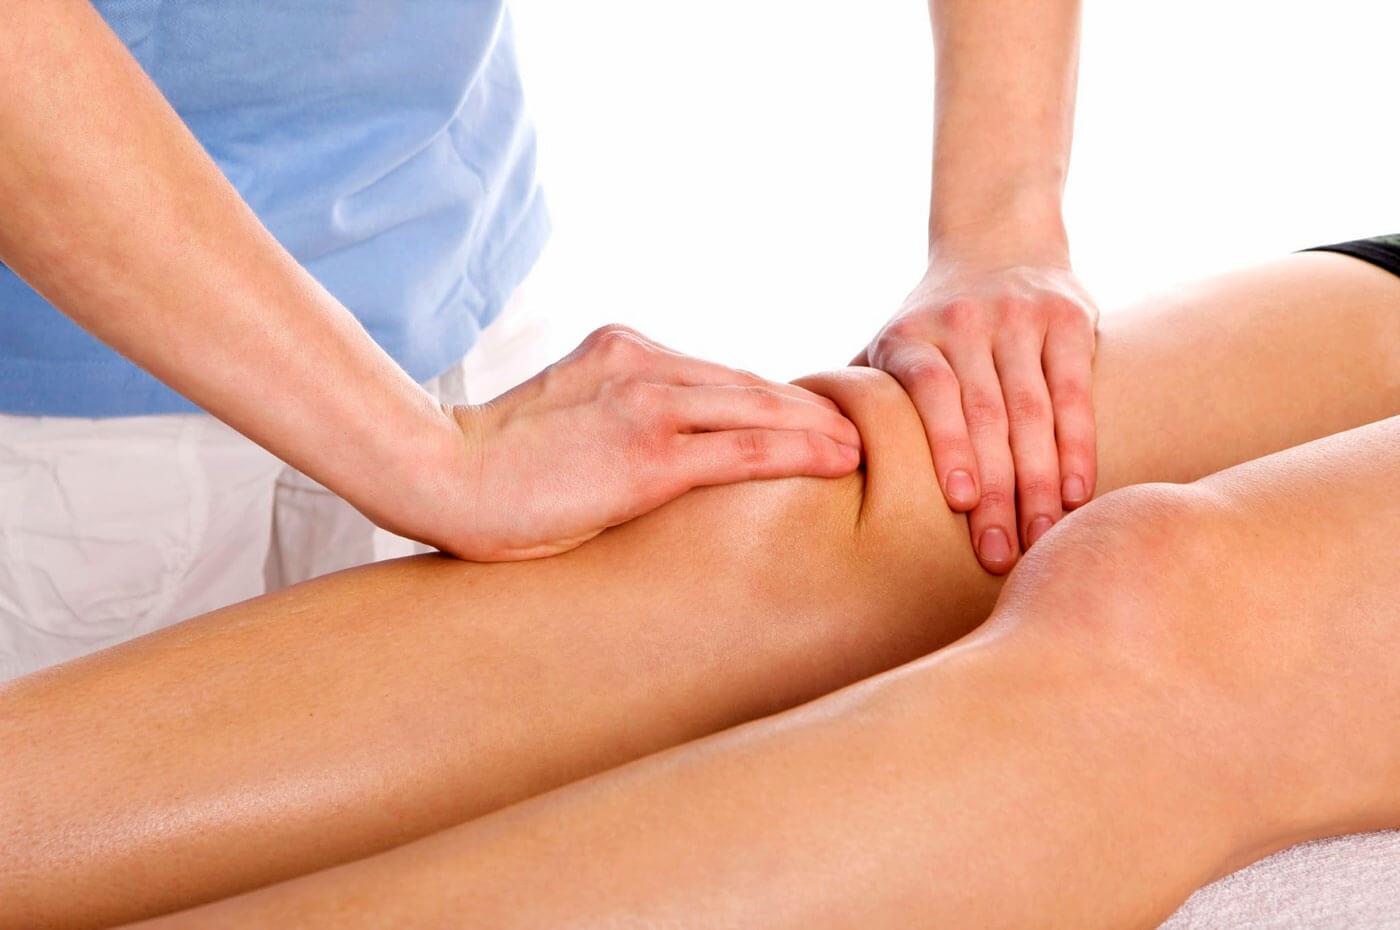 массаж при болях в тазобедренном суставе видео